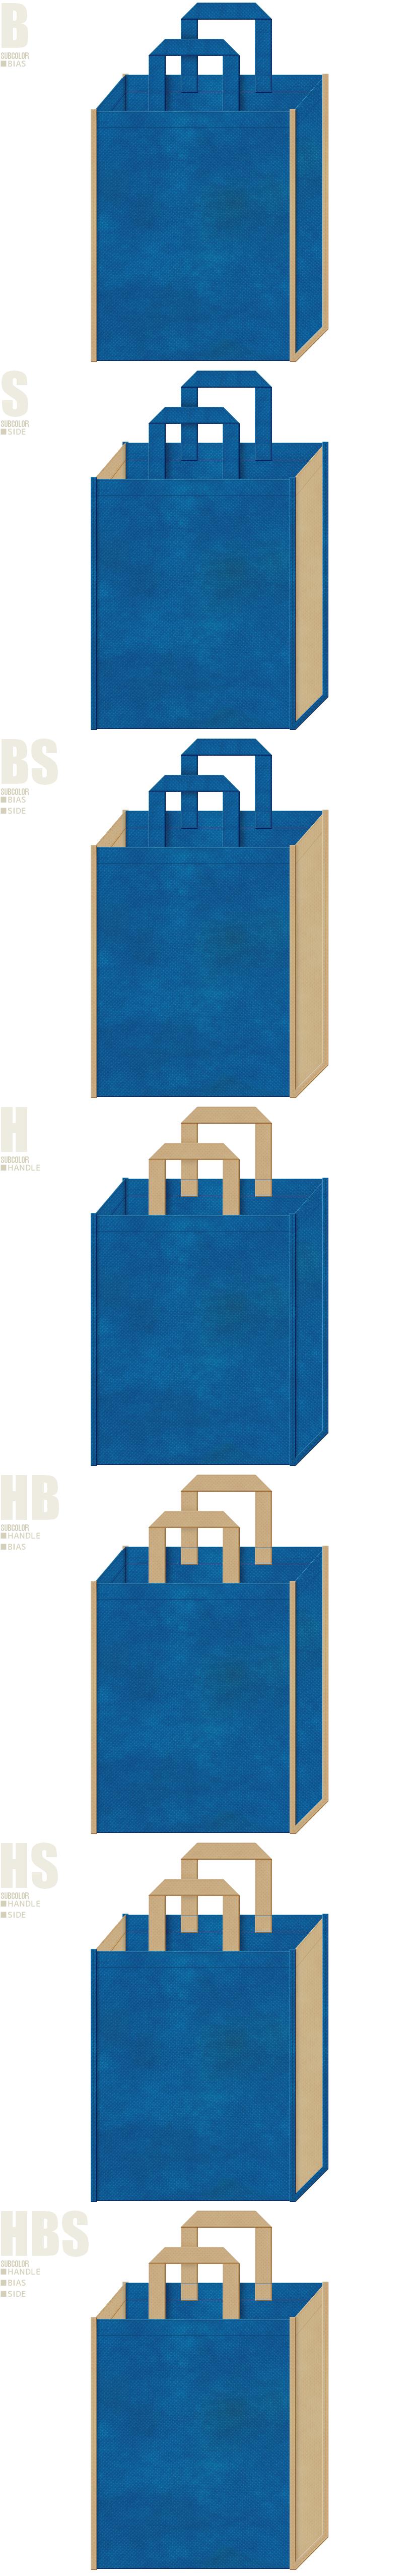 青色とカーキ色の不織布バッグデザイン:配色7パターン